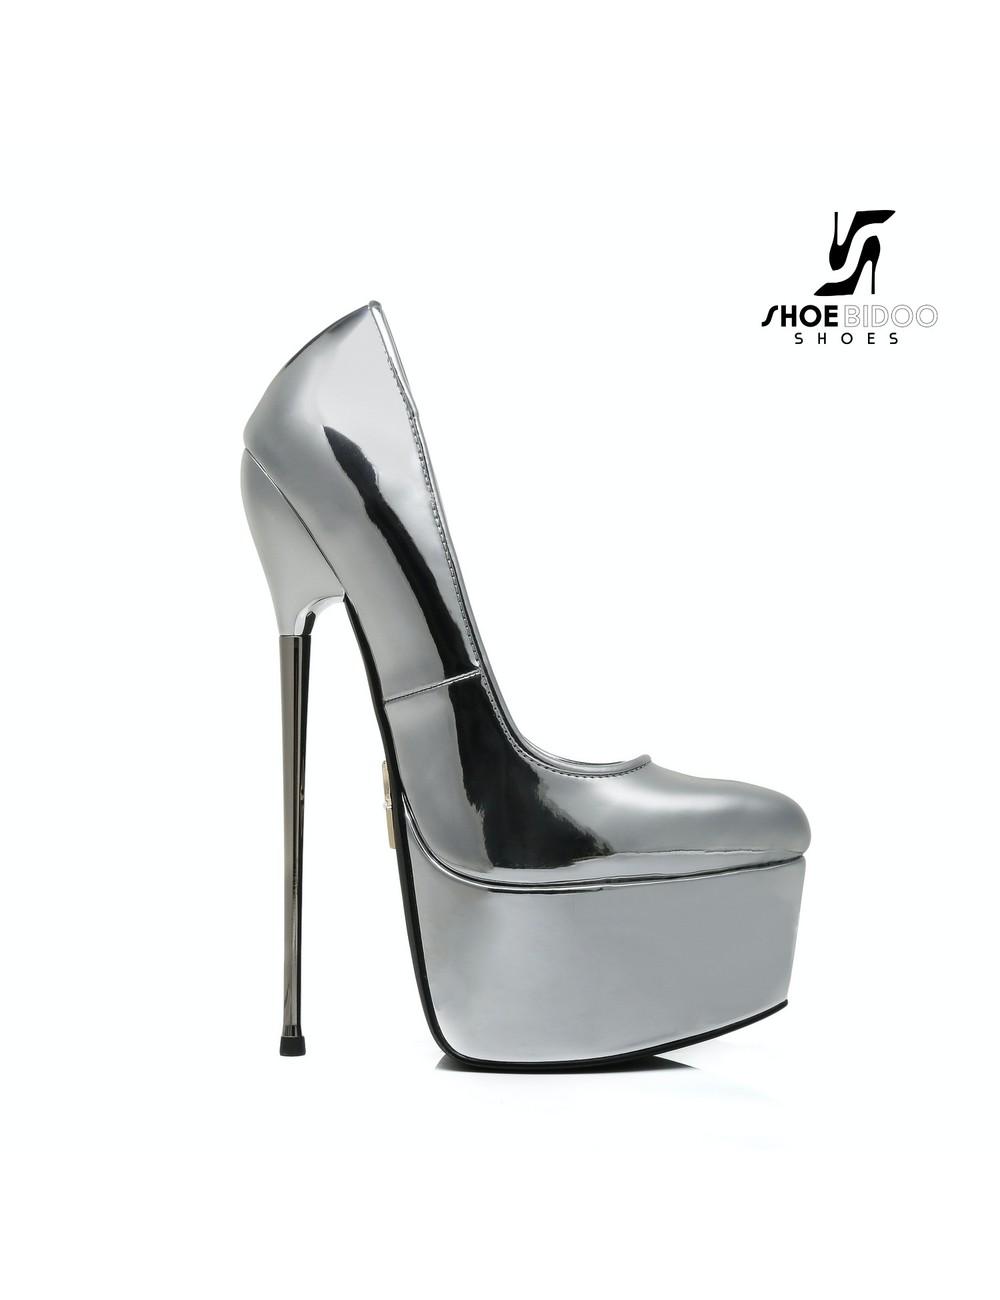 SLICK Liquid Silver Giaro SLICK ESCALA platform pumps with silver heels